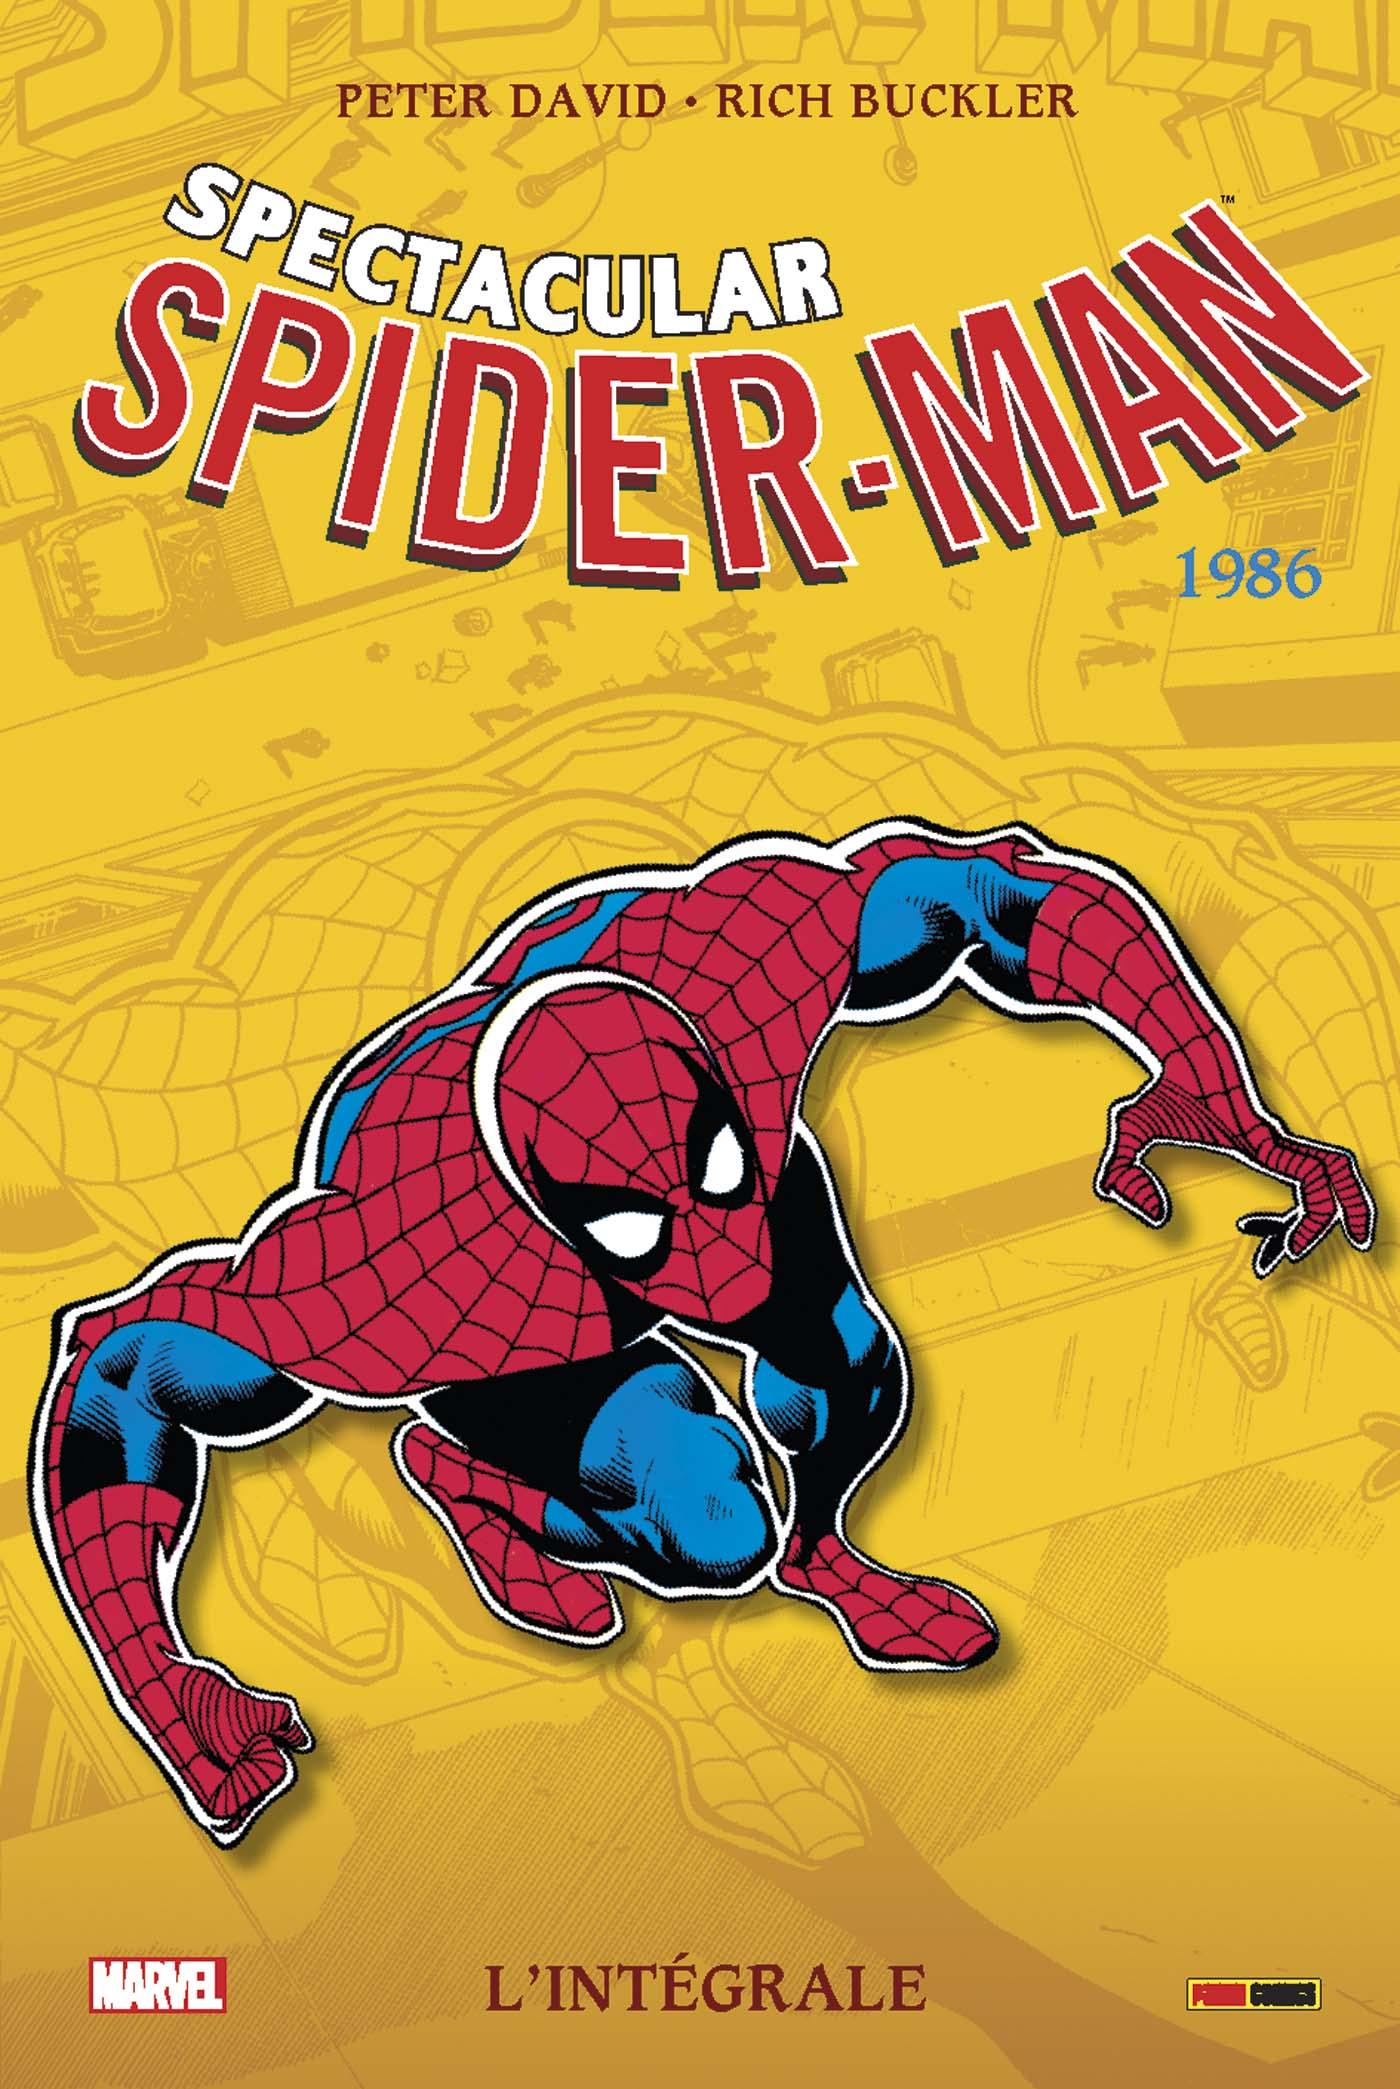 Spectacular Spider-Man 1986